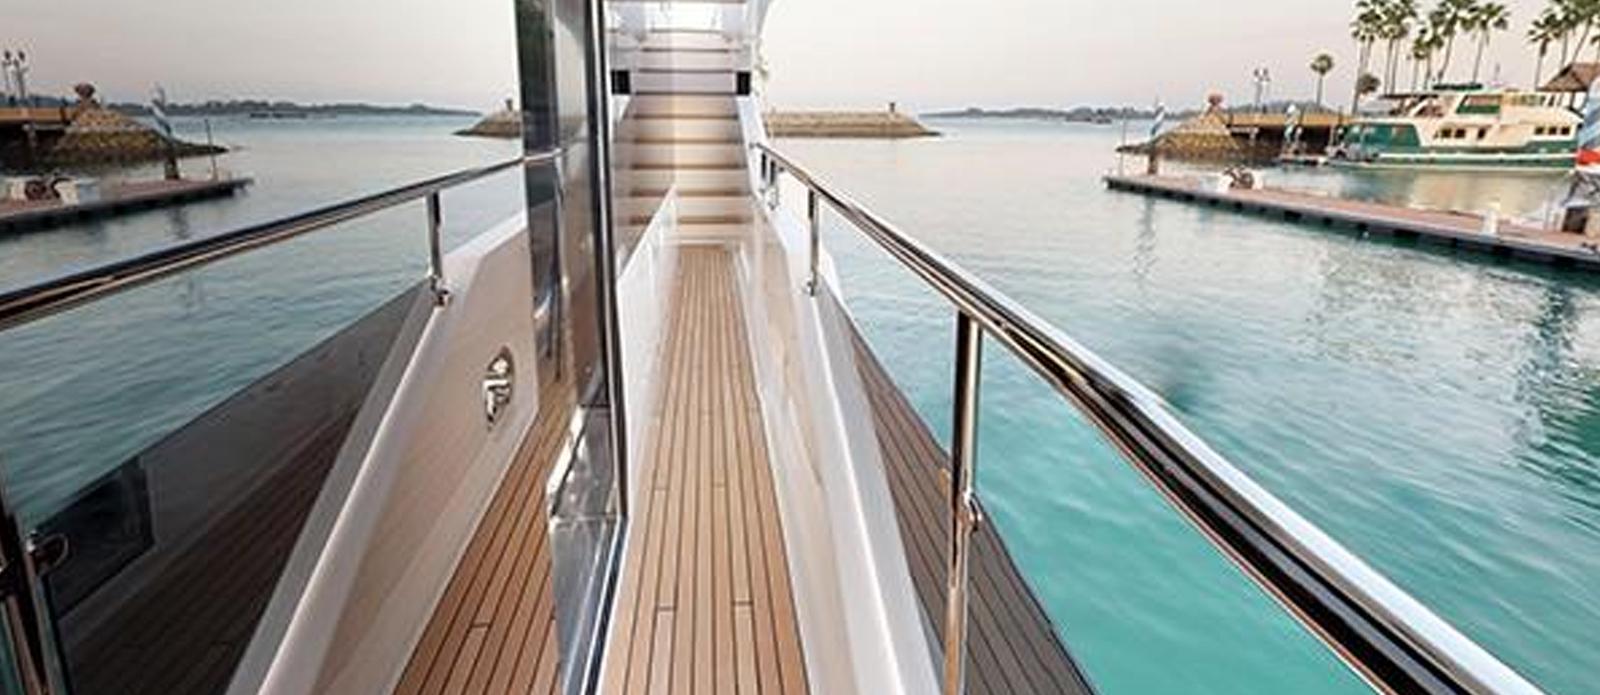 Sunseeker-116-Sport-Yacht-Priceless-25